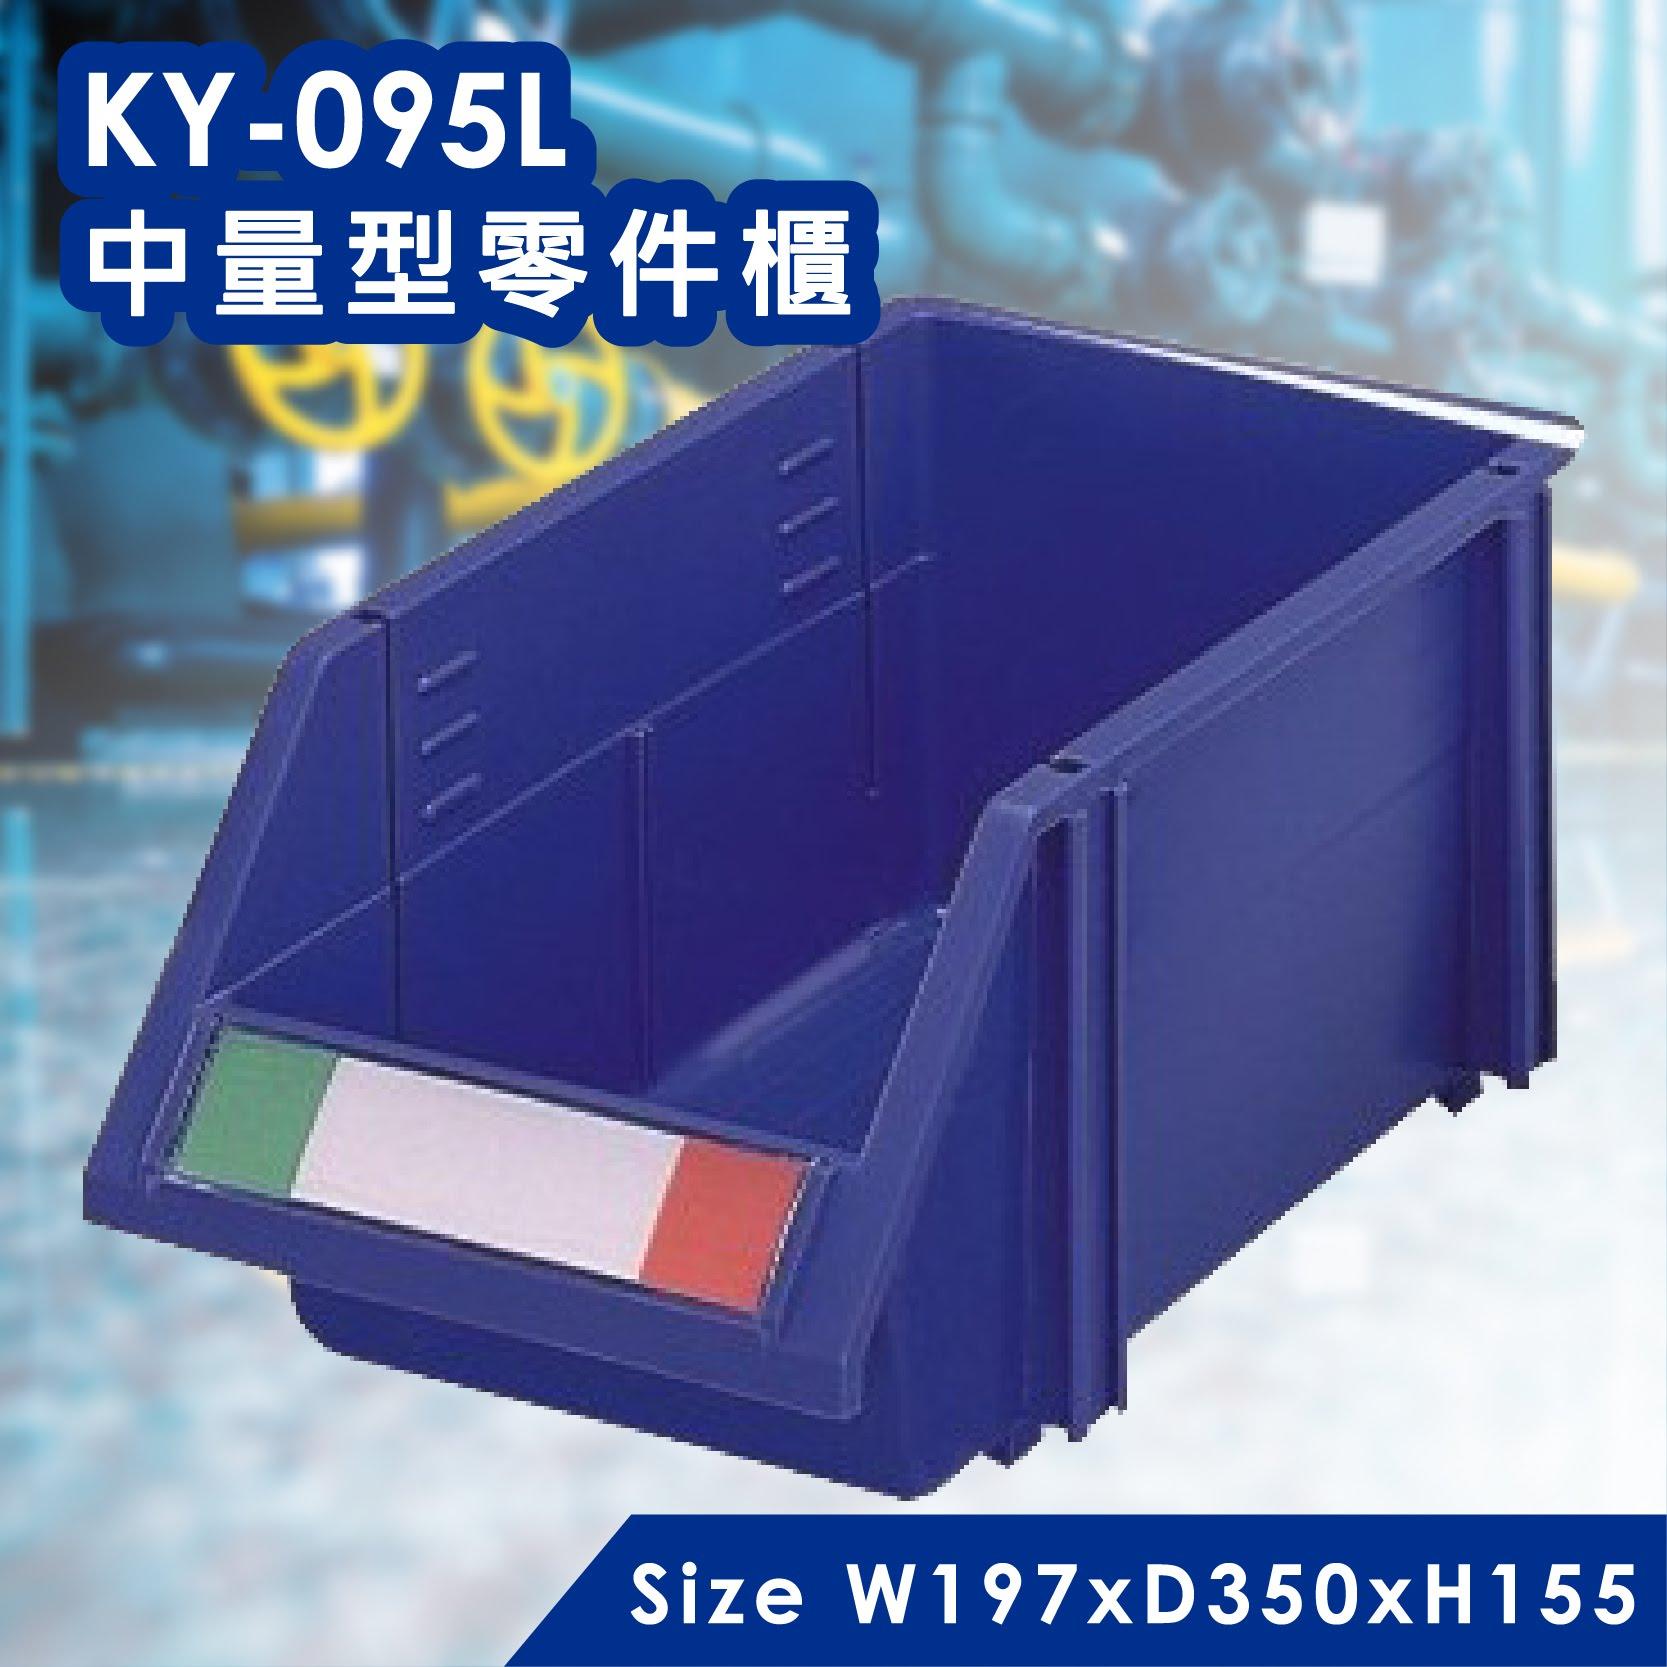 零件收納 ~大富 KY-095L 中量型零件櫃 (零件盒  分類盒  收納盒  置物盒  置物櫃  辦公室    辦公收納)